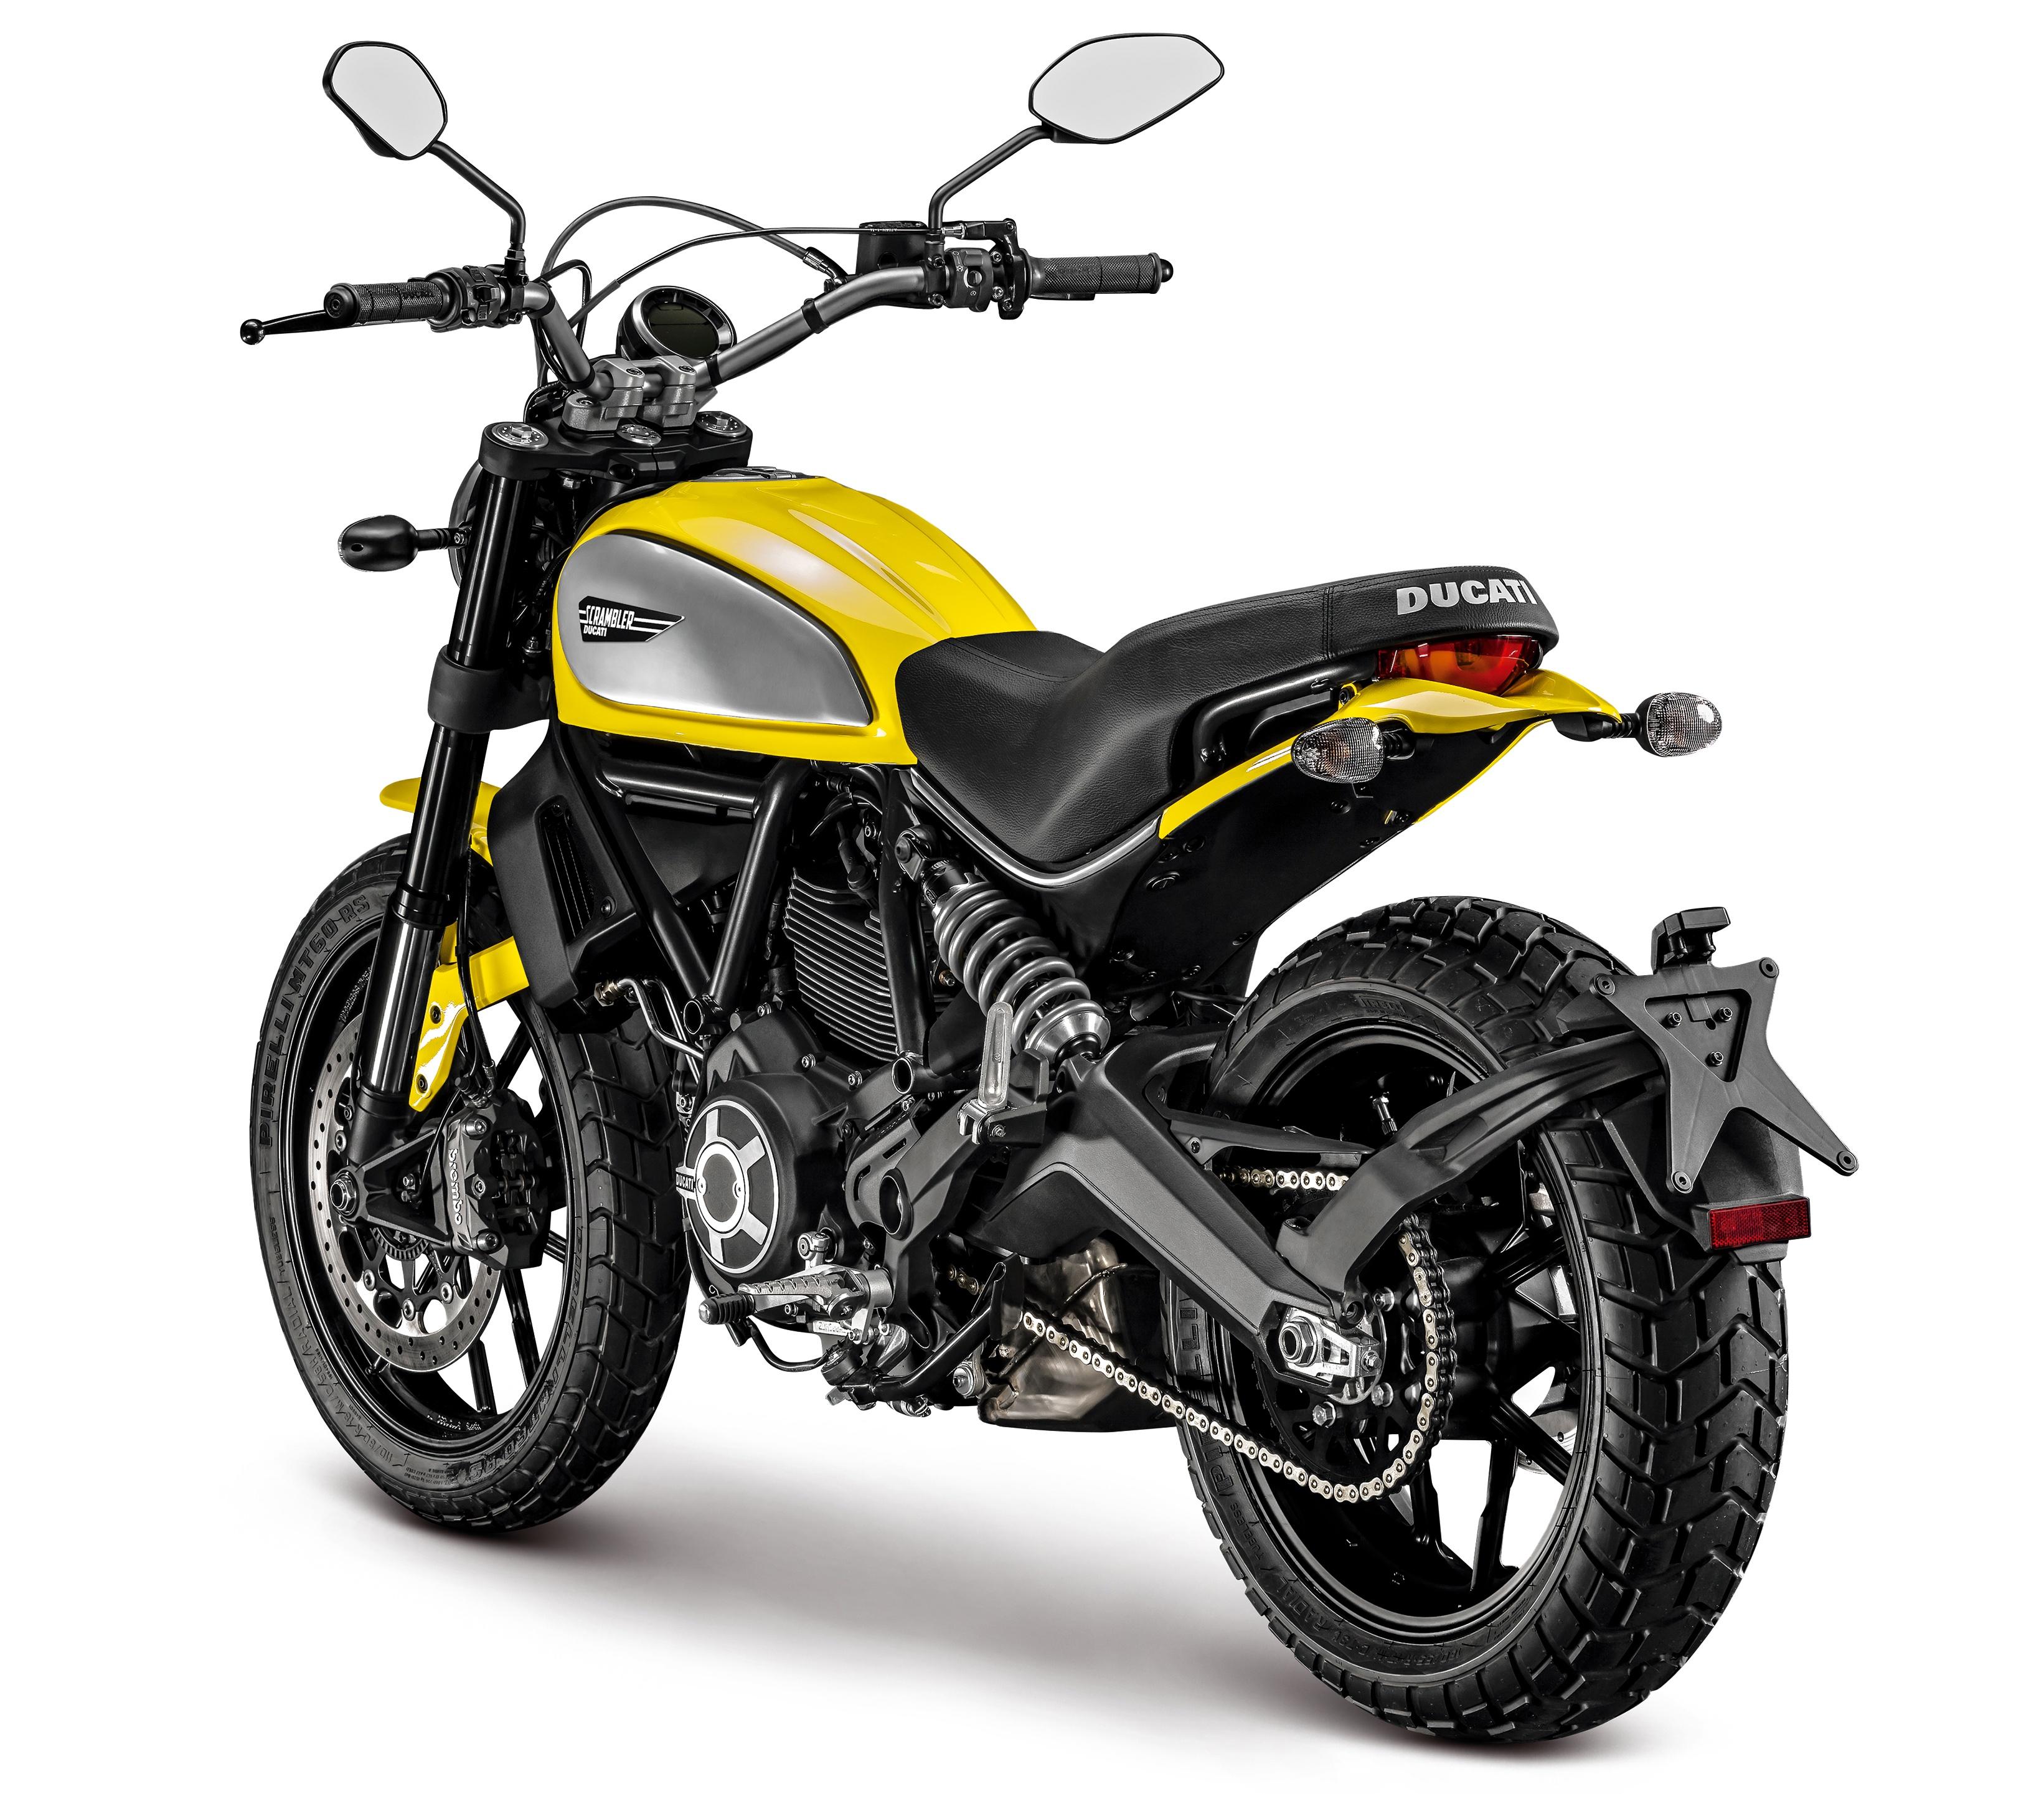 Ducati Scrambler Rear